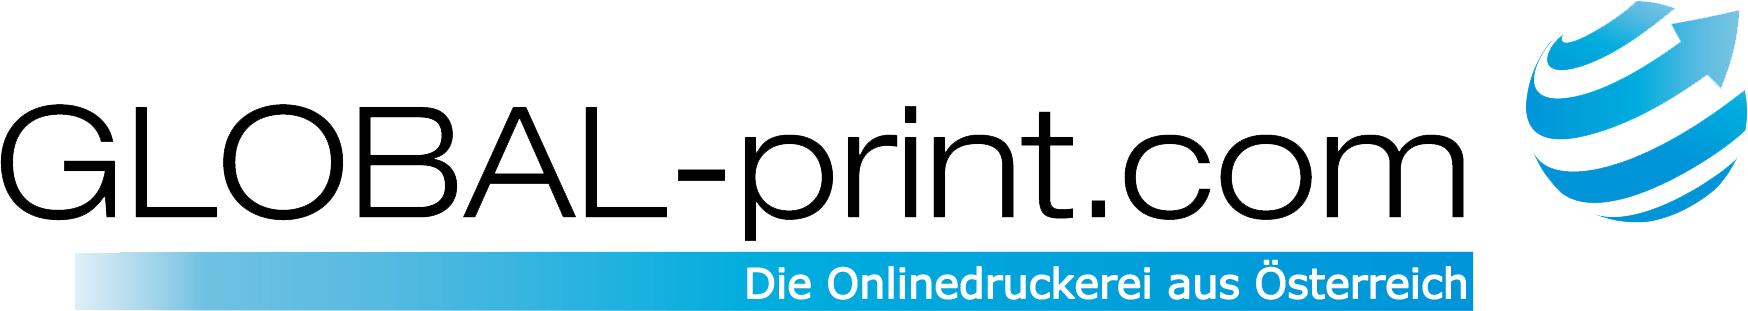 Onlinedruckerei Global-print.com (DVP Druck-Verlag-Produktions GmbH)